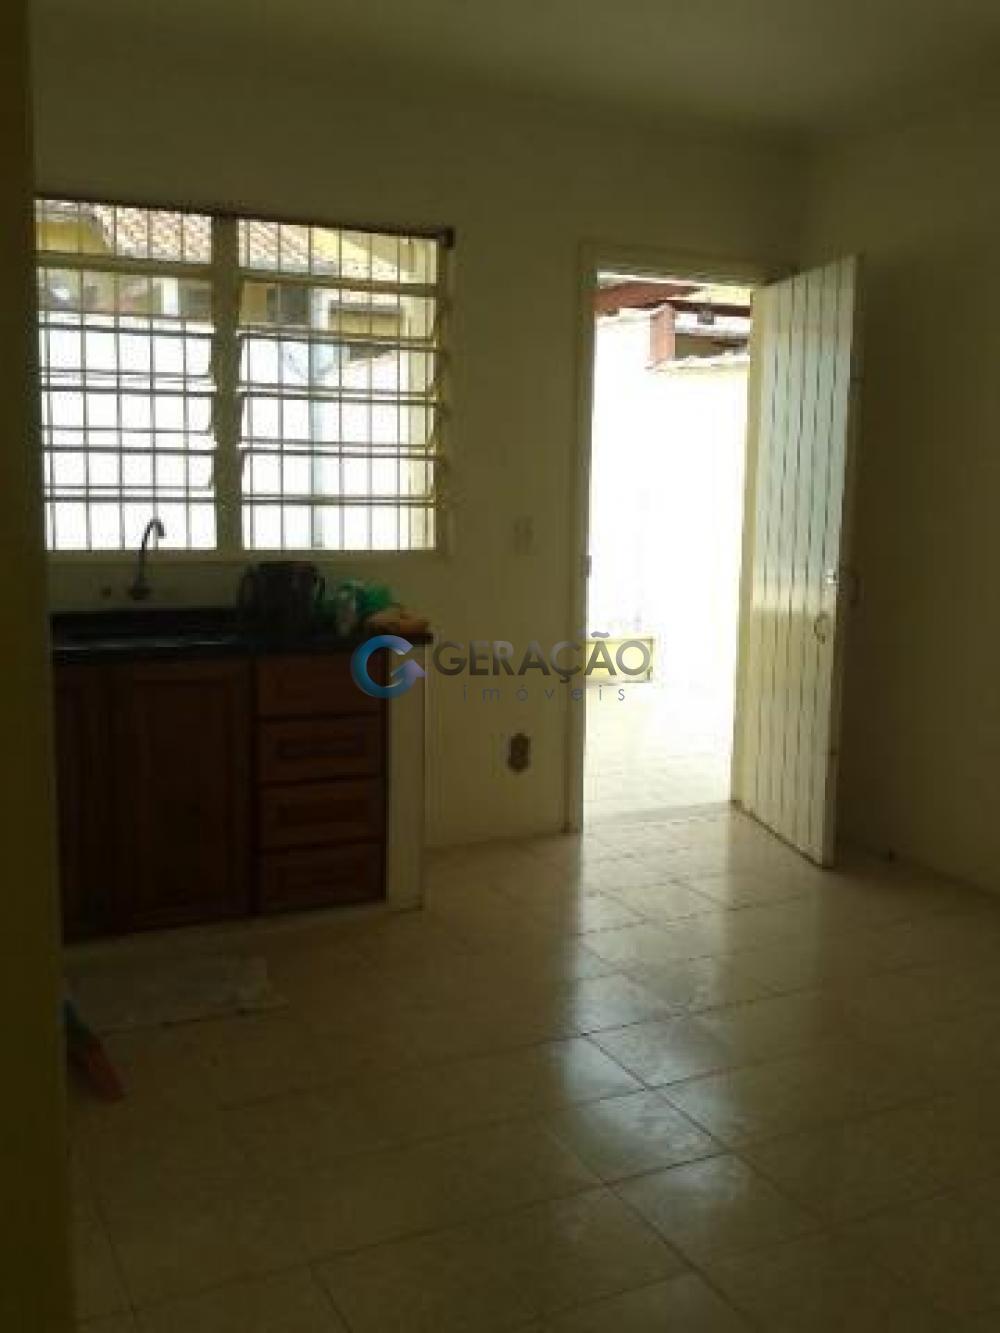 Comprar Casa / Padrão em São José dos Campos apenas R$ 450.000,00 - Foto 17